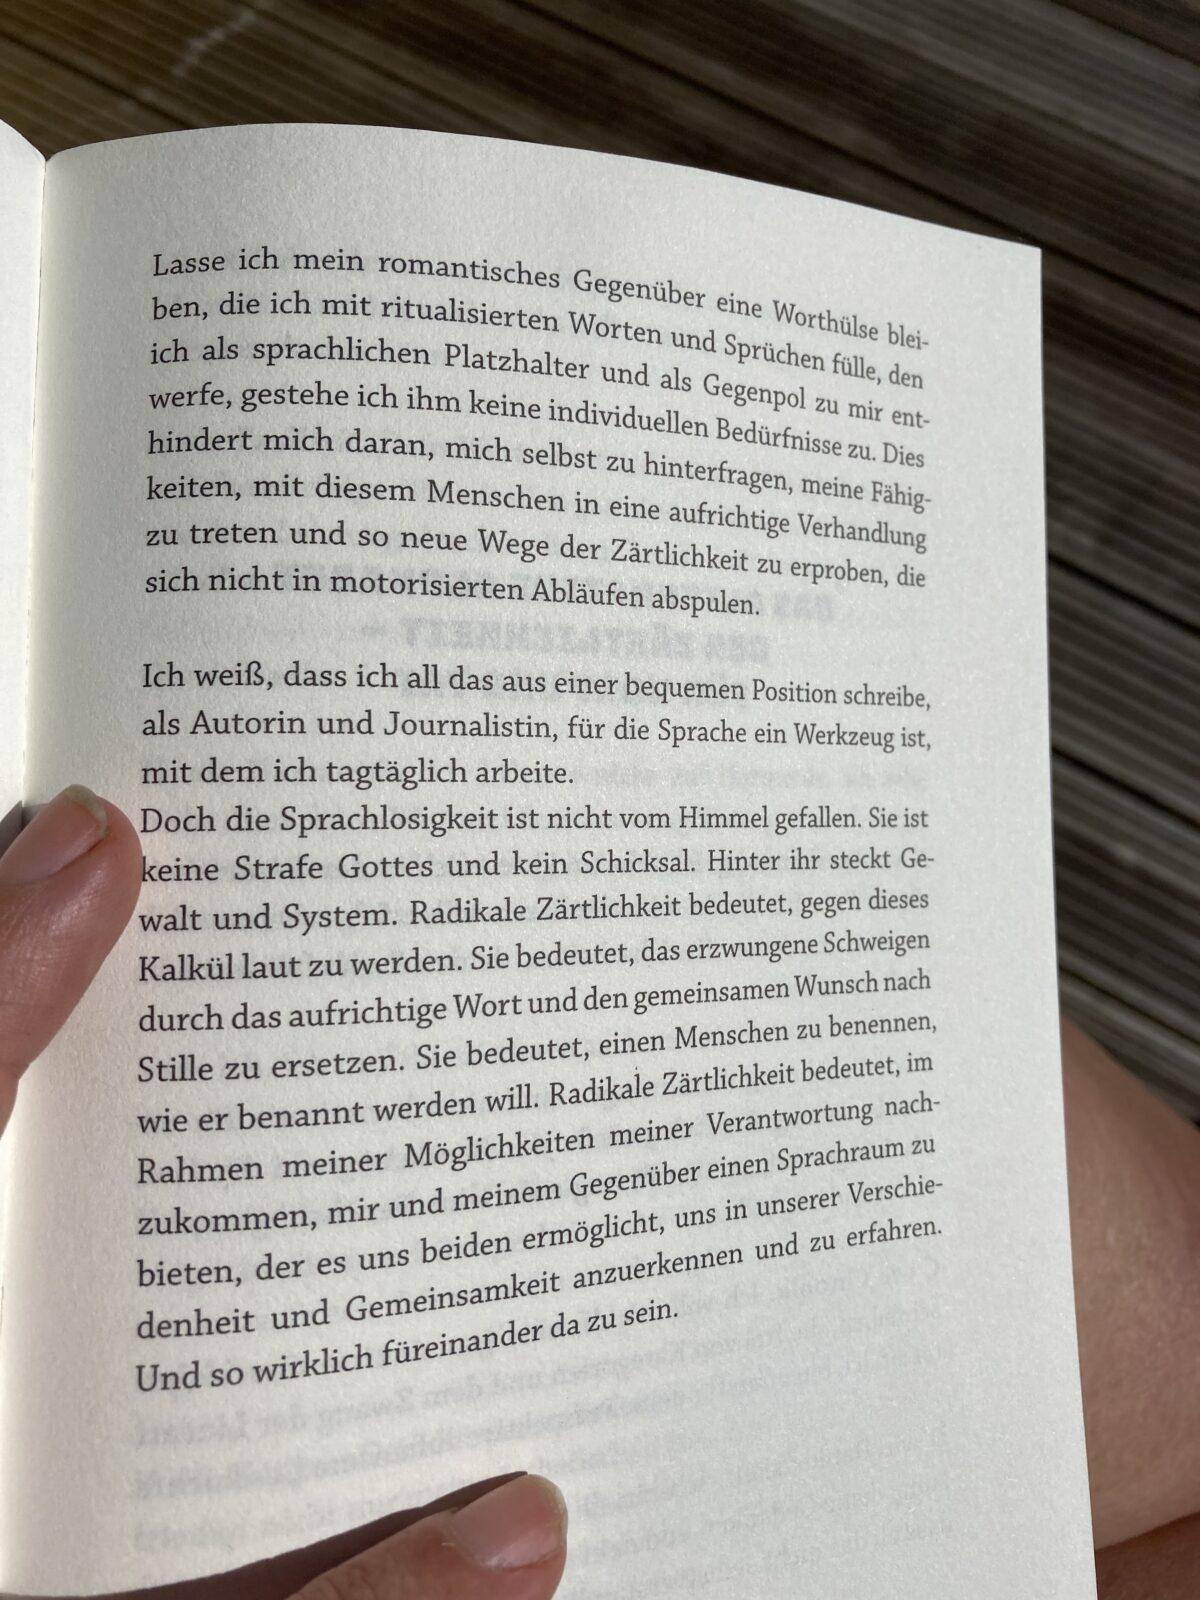 Şeyda Kurt - radikale Zärtlichkeit; Bild zeigt exemplarischen Absatz